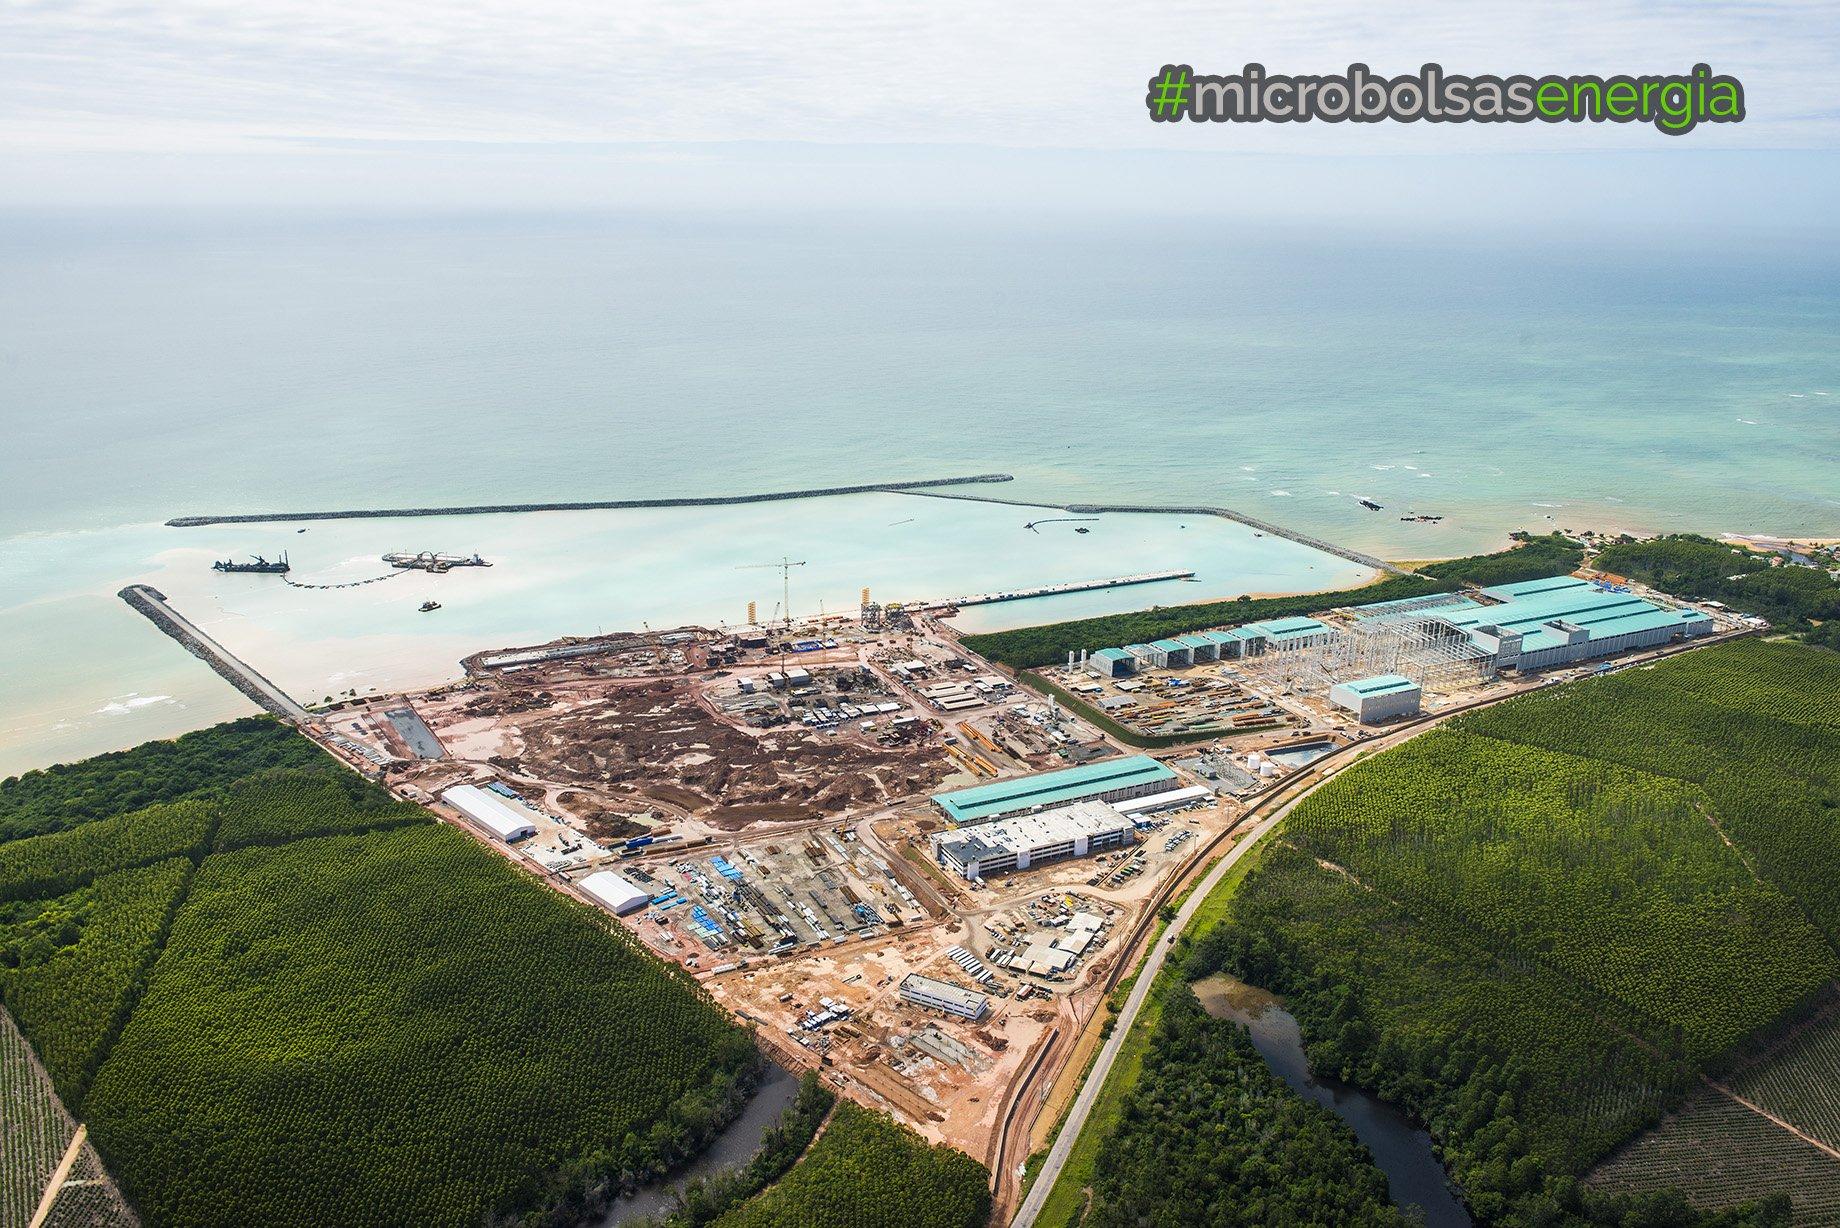 Jurongcomlogo_foto aérea_Fonte - Assessoria de Imprensa da Jurong